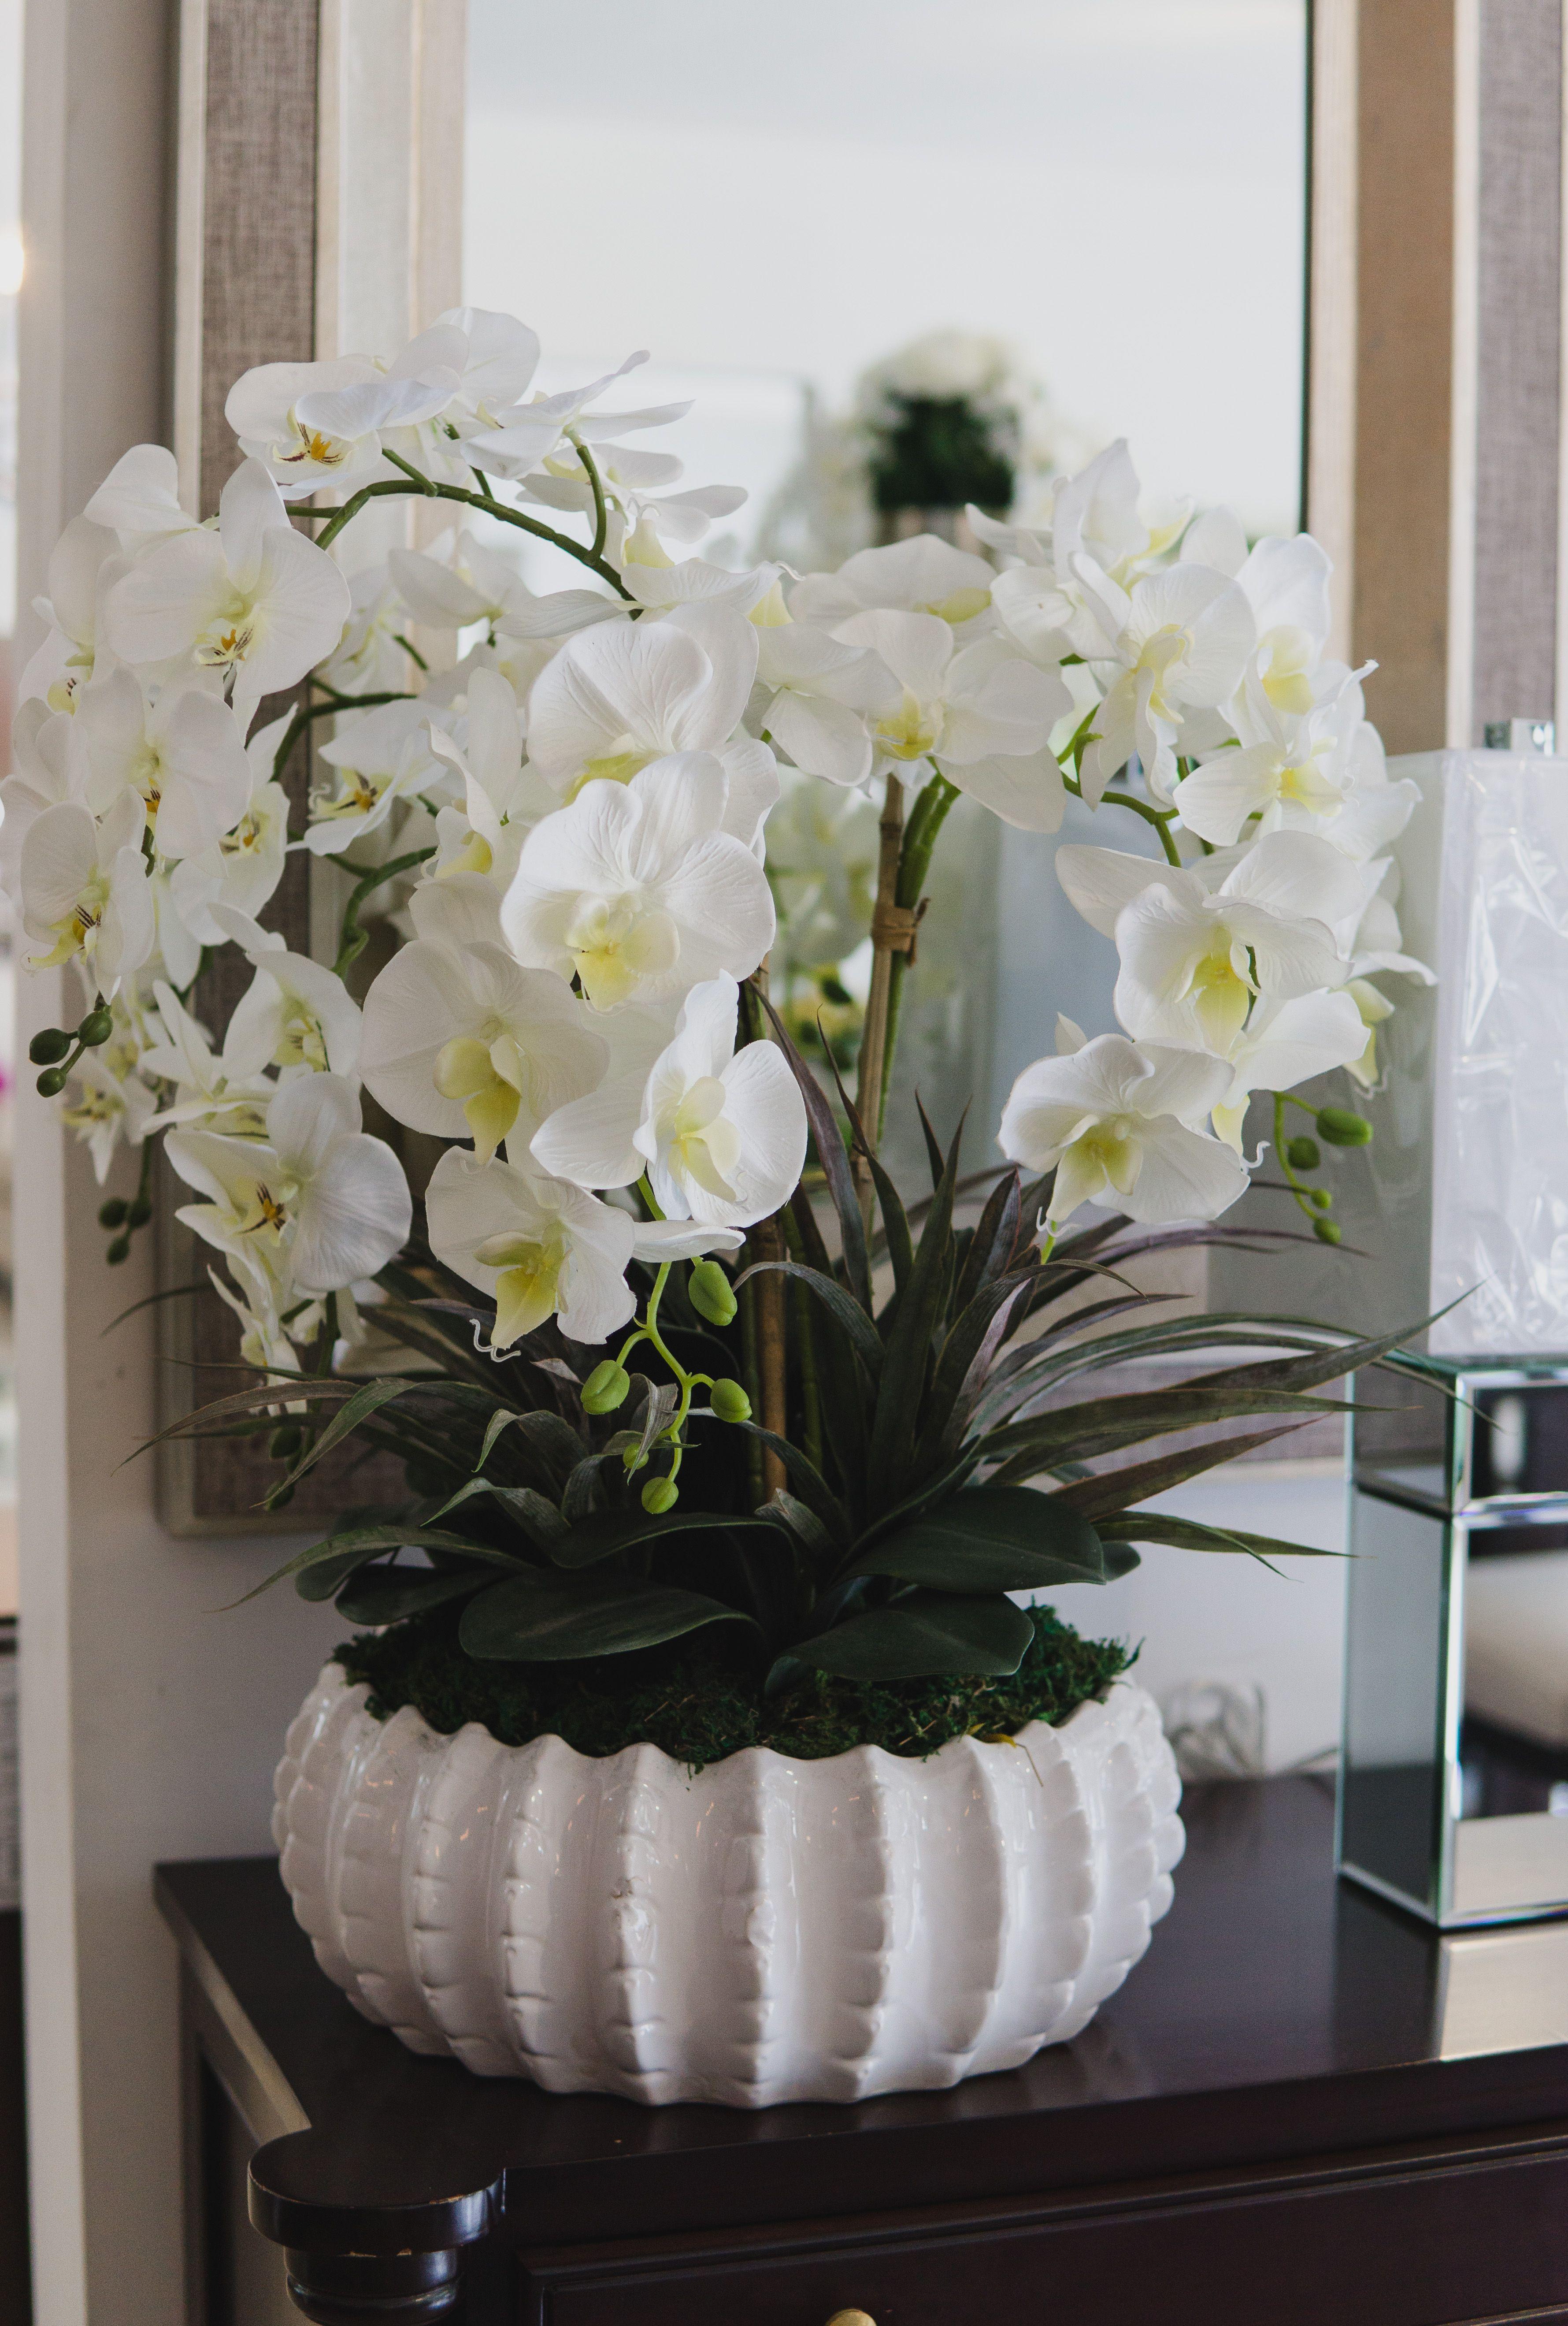 Orquideas Blancas Bajas Orquideas Brancas Arranjos De Flores Casamento Decoracao Com Flores Artificiais